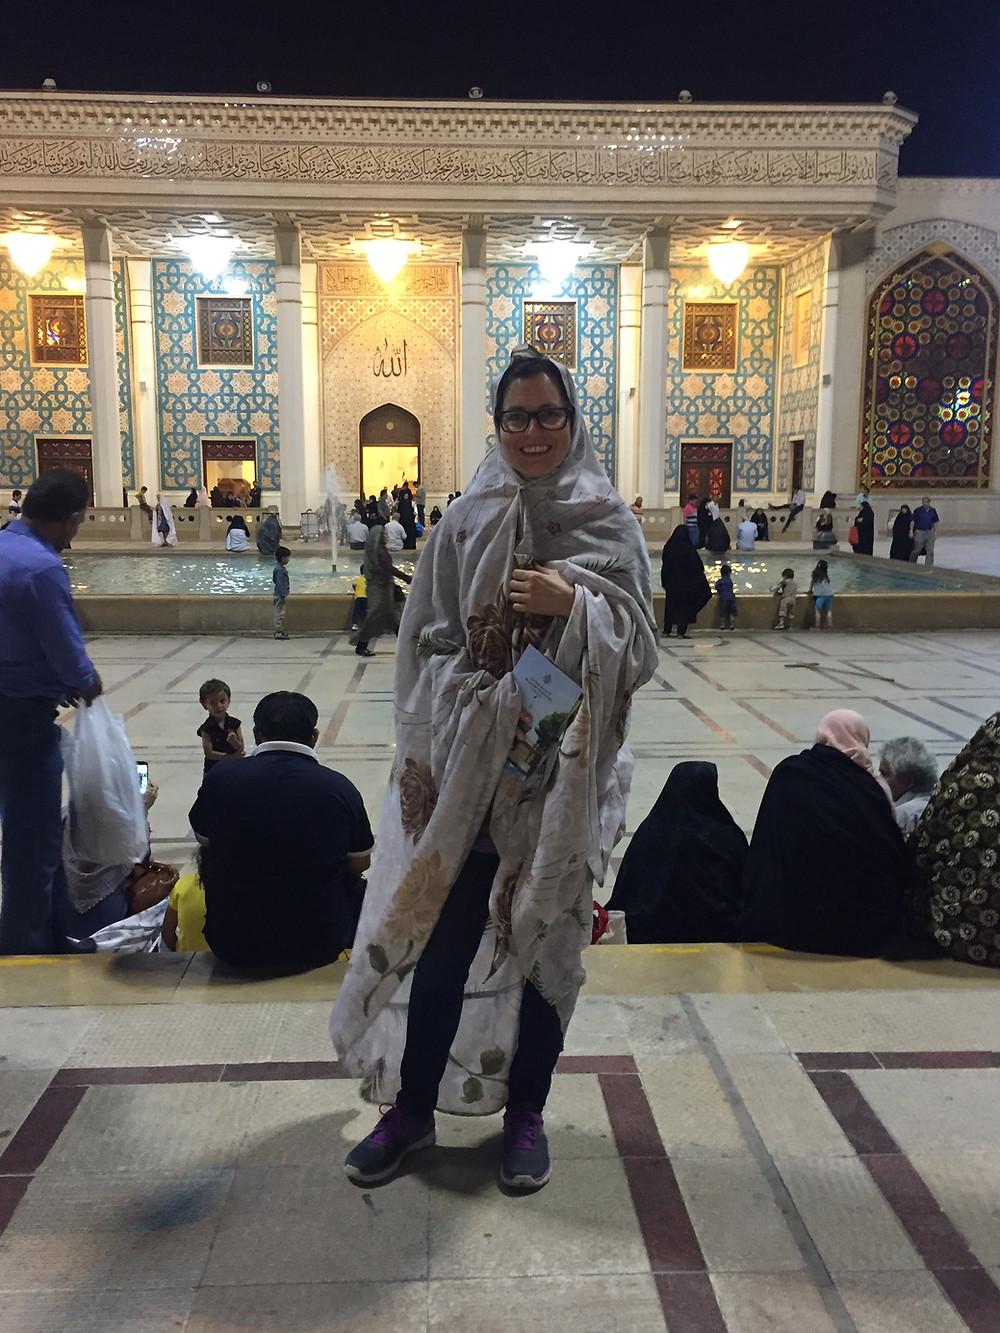 Der Chador kommt den iranischen Frauen definitiv besser als mir.